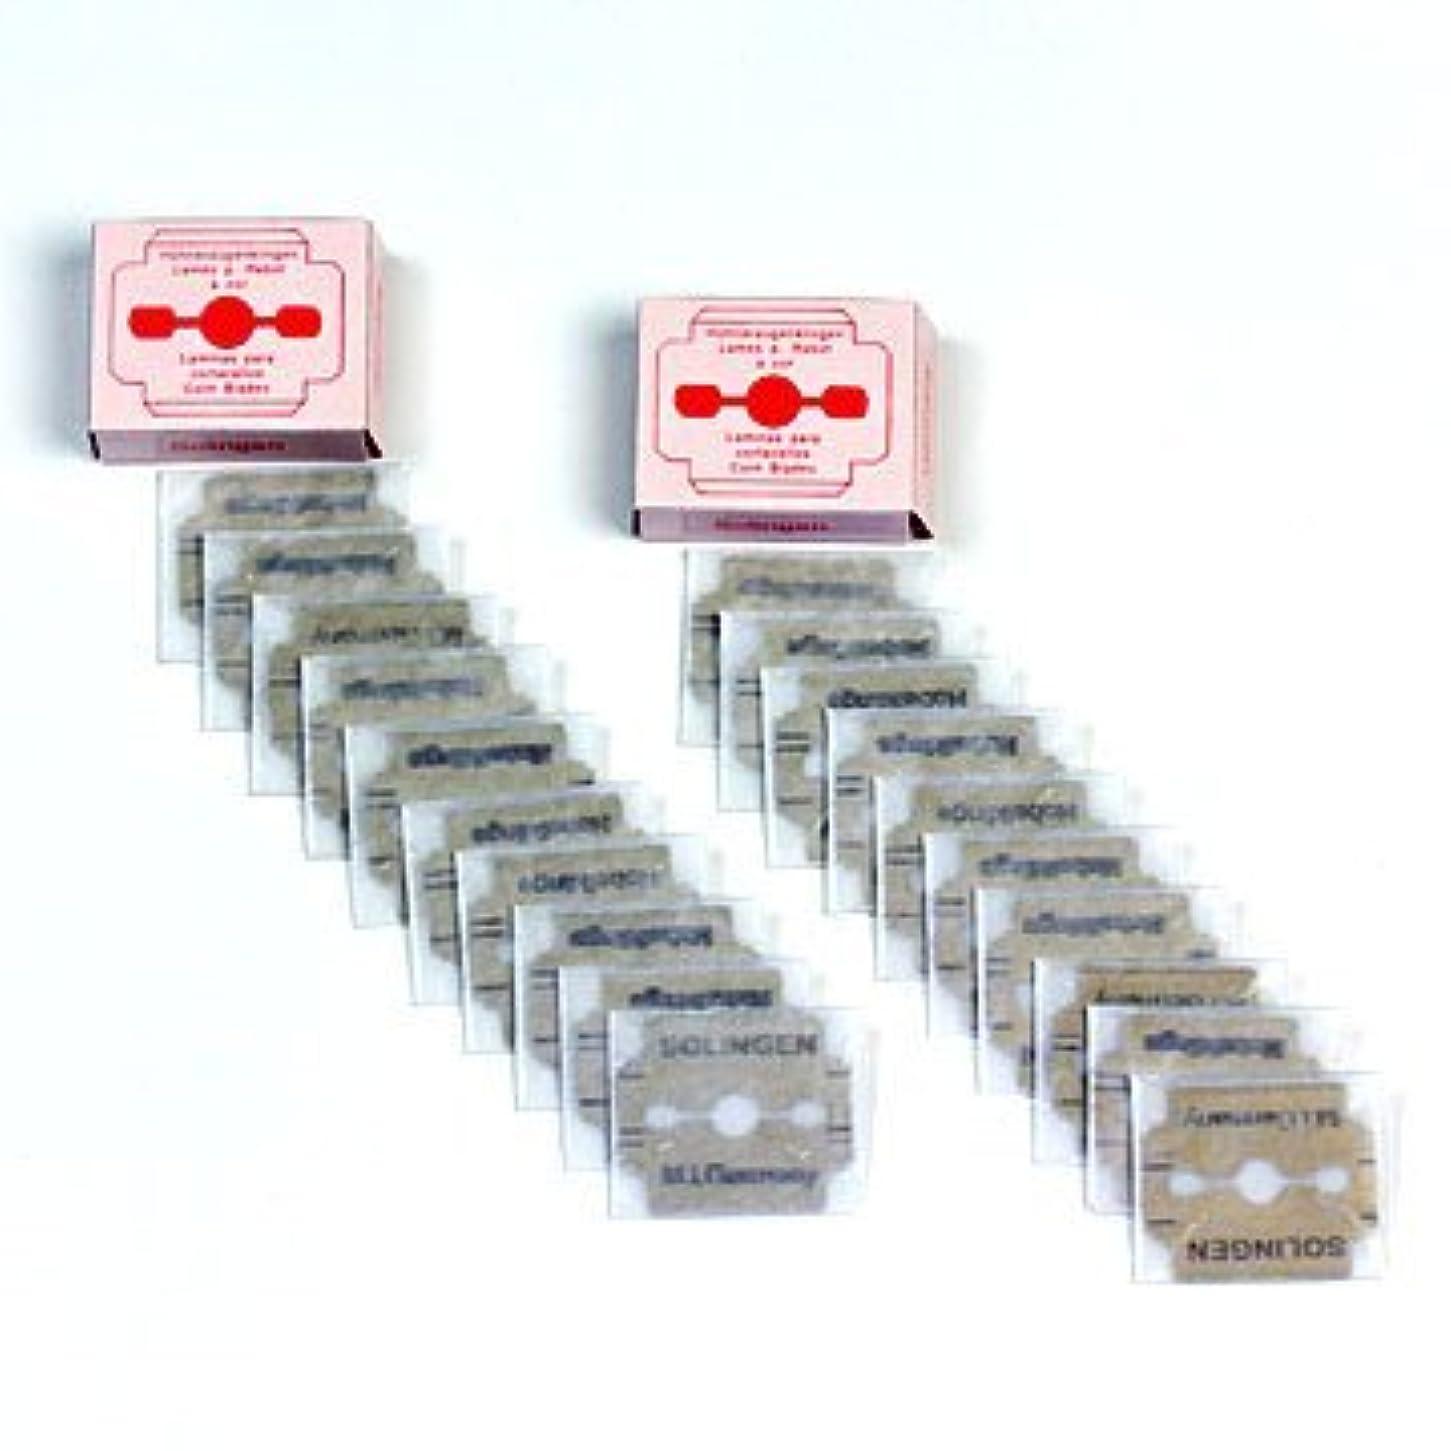 女の子補体ペンドイツ?ゾーリンゲン(Solingen) かかと削り器用替刃10枚入りx2セット(合計20枚) #slg008002fba